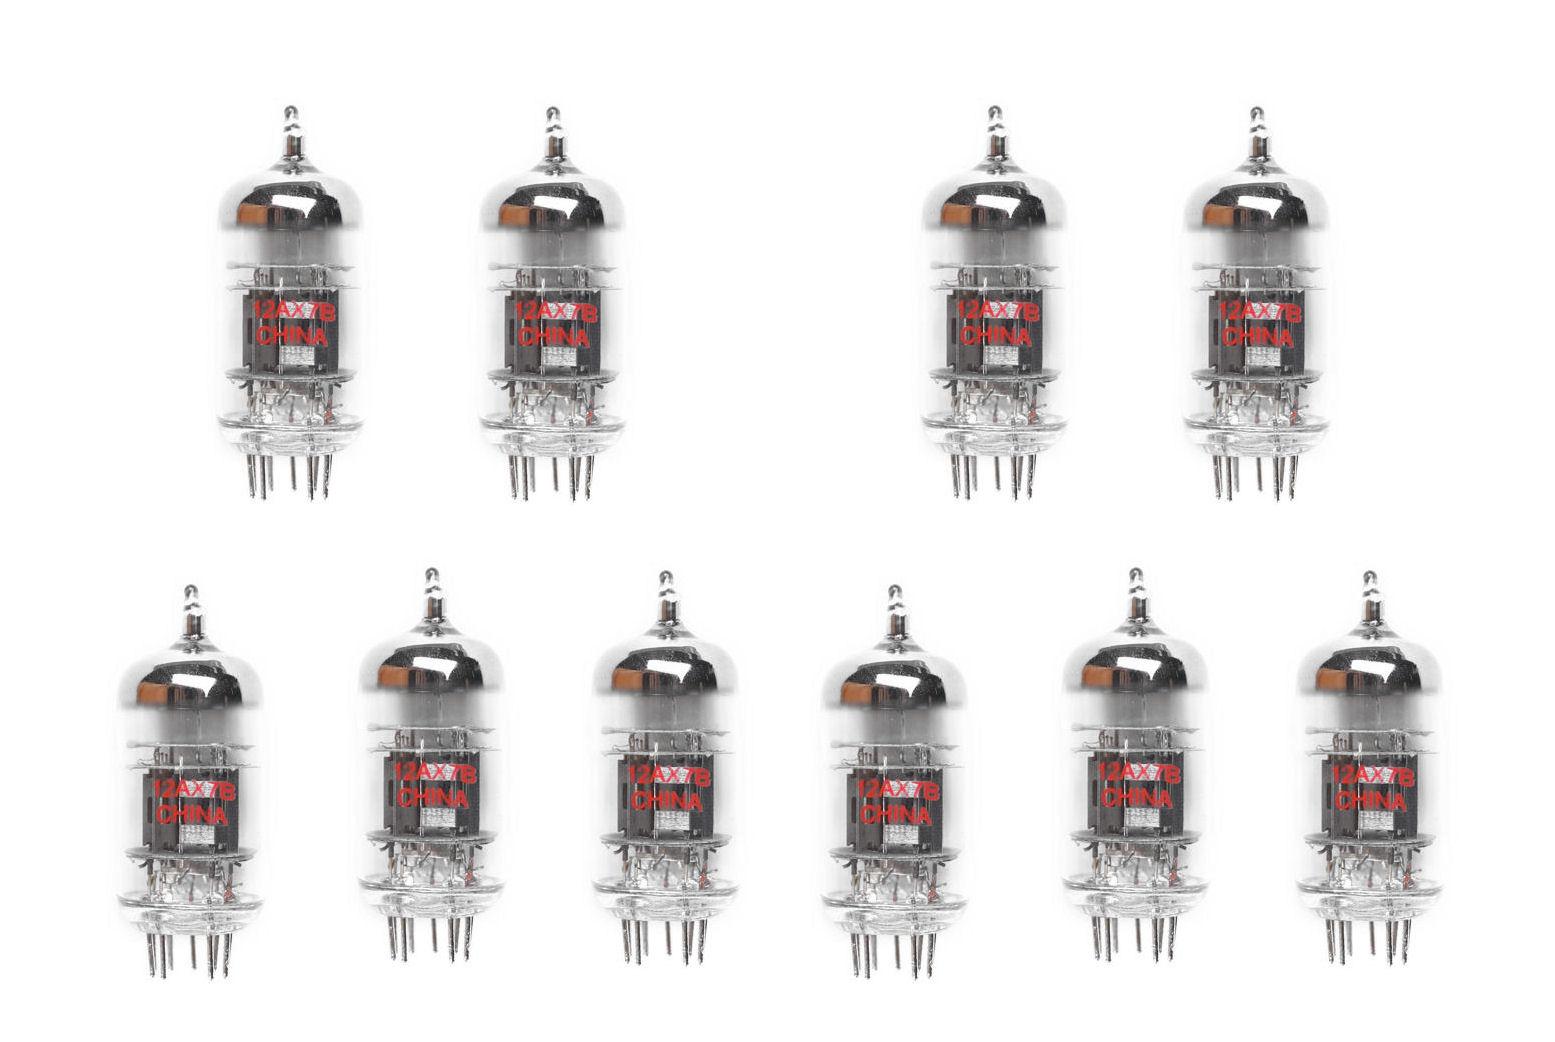 12ax7 ecc83 7025 10 v u00e1lvula de tubo kit para guitarras